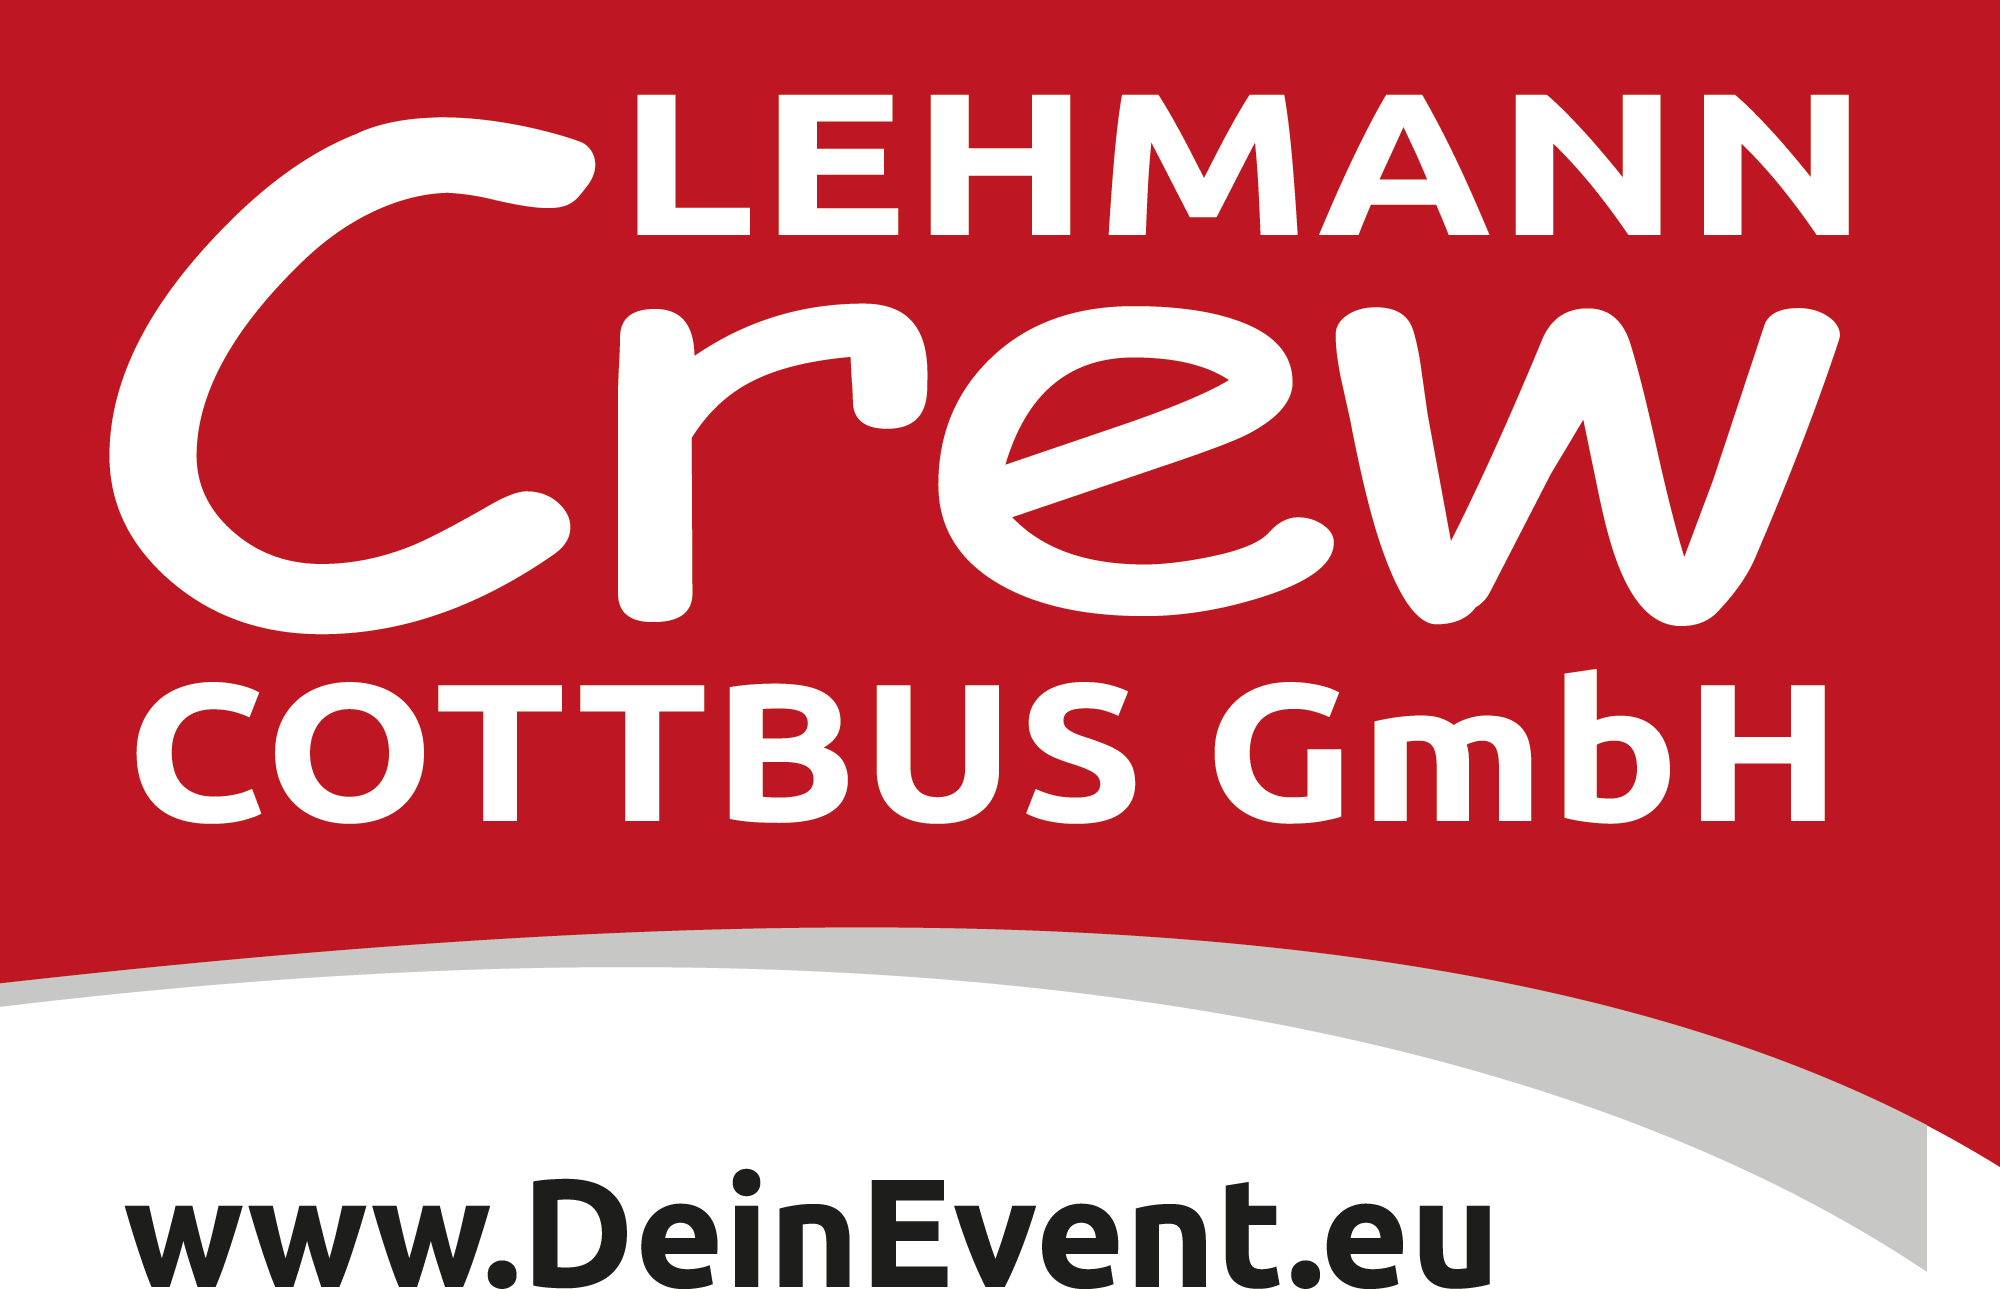 Logo der Lehmann Crew Cottbus GmbH